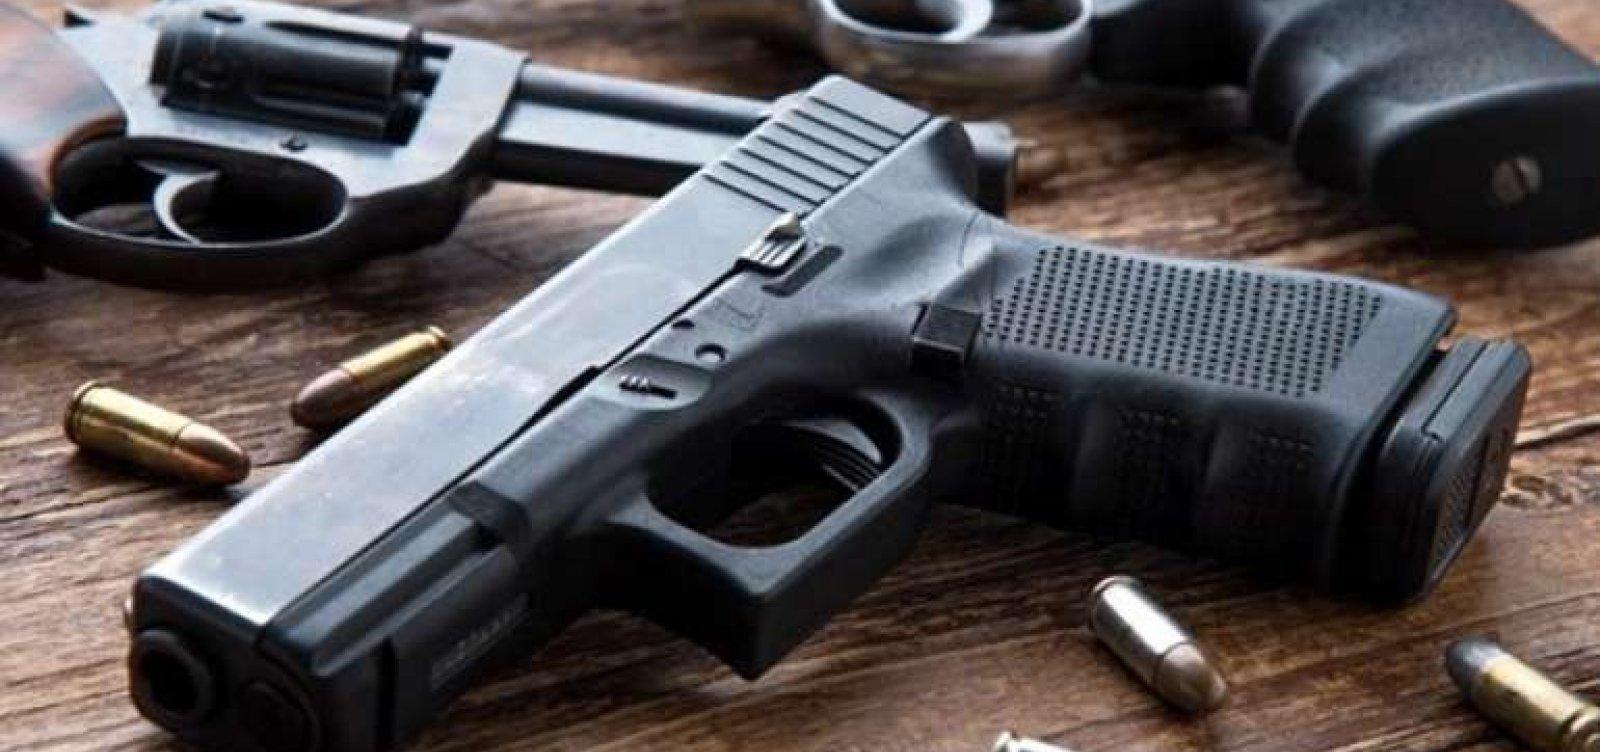 Ataque a tiros deixa homem morto e sete feridos em Itabuna